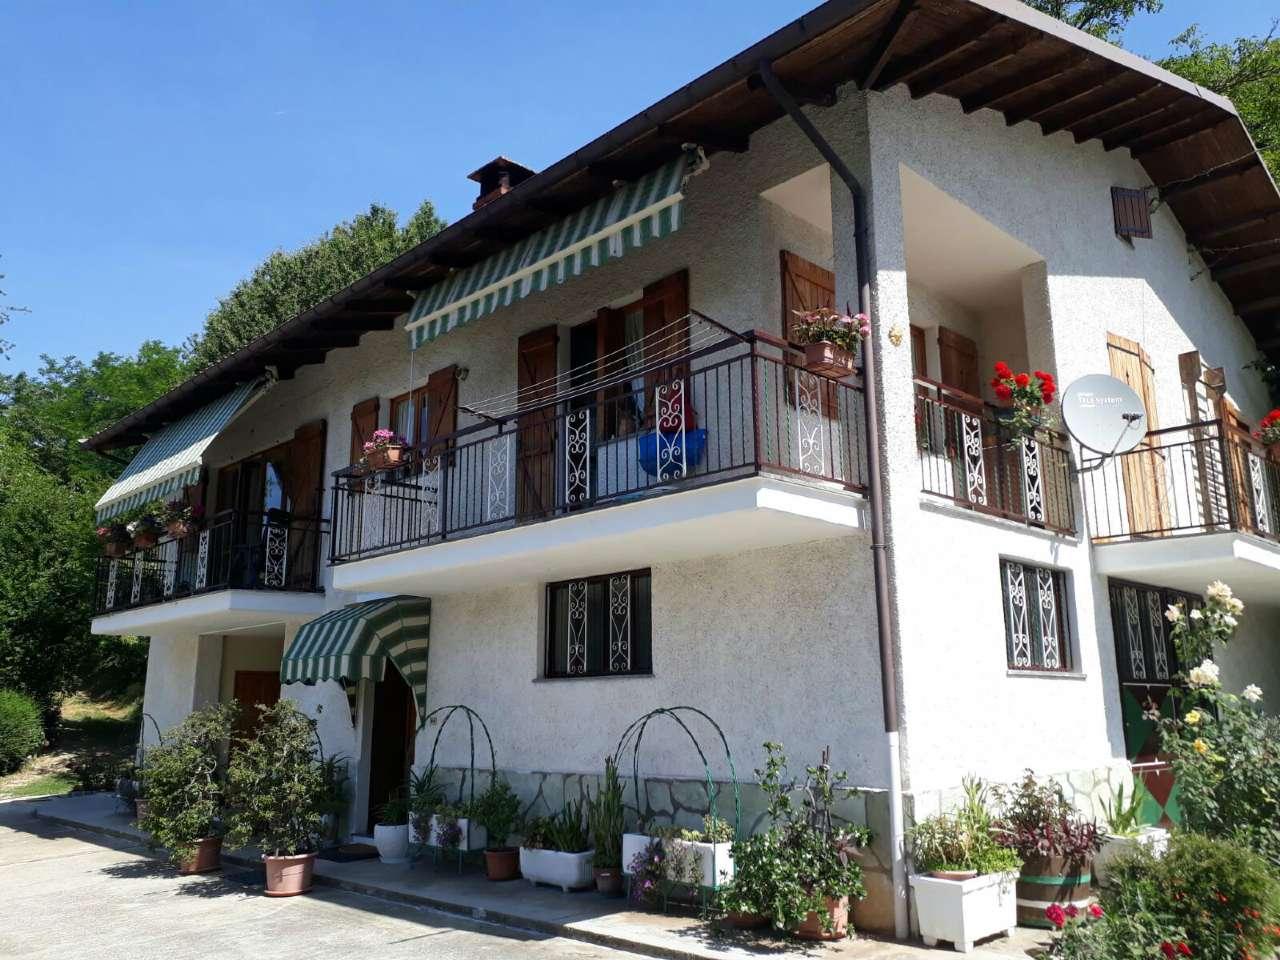 Soluzione Indipendente in vendita a Chiusa di Pesio, 9999 locali, prezzo € 150.000 | CambioCasa.it